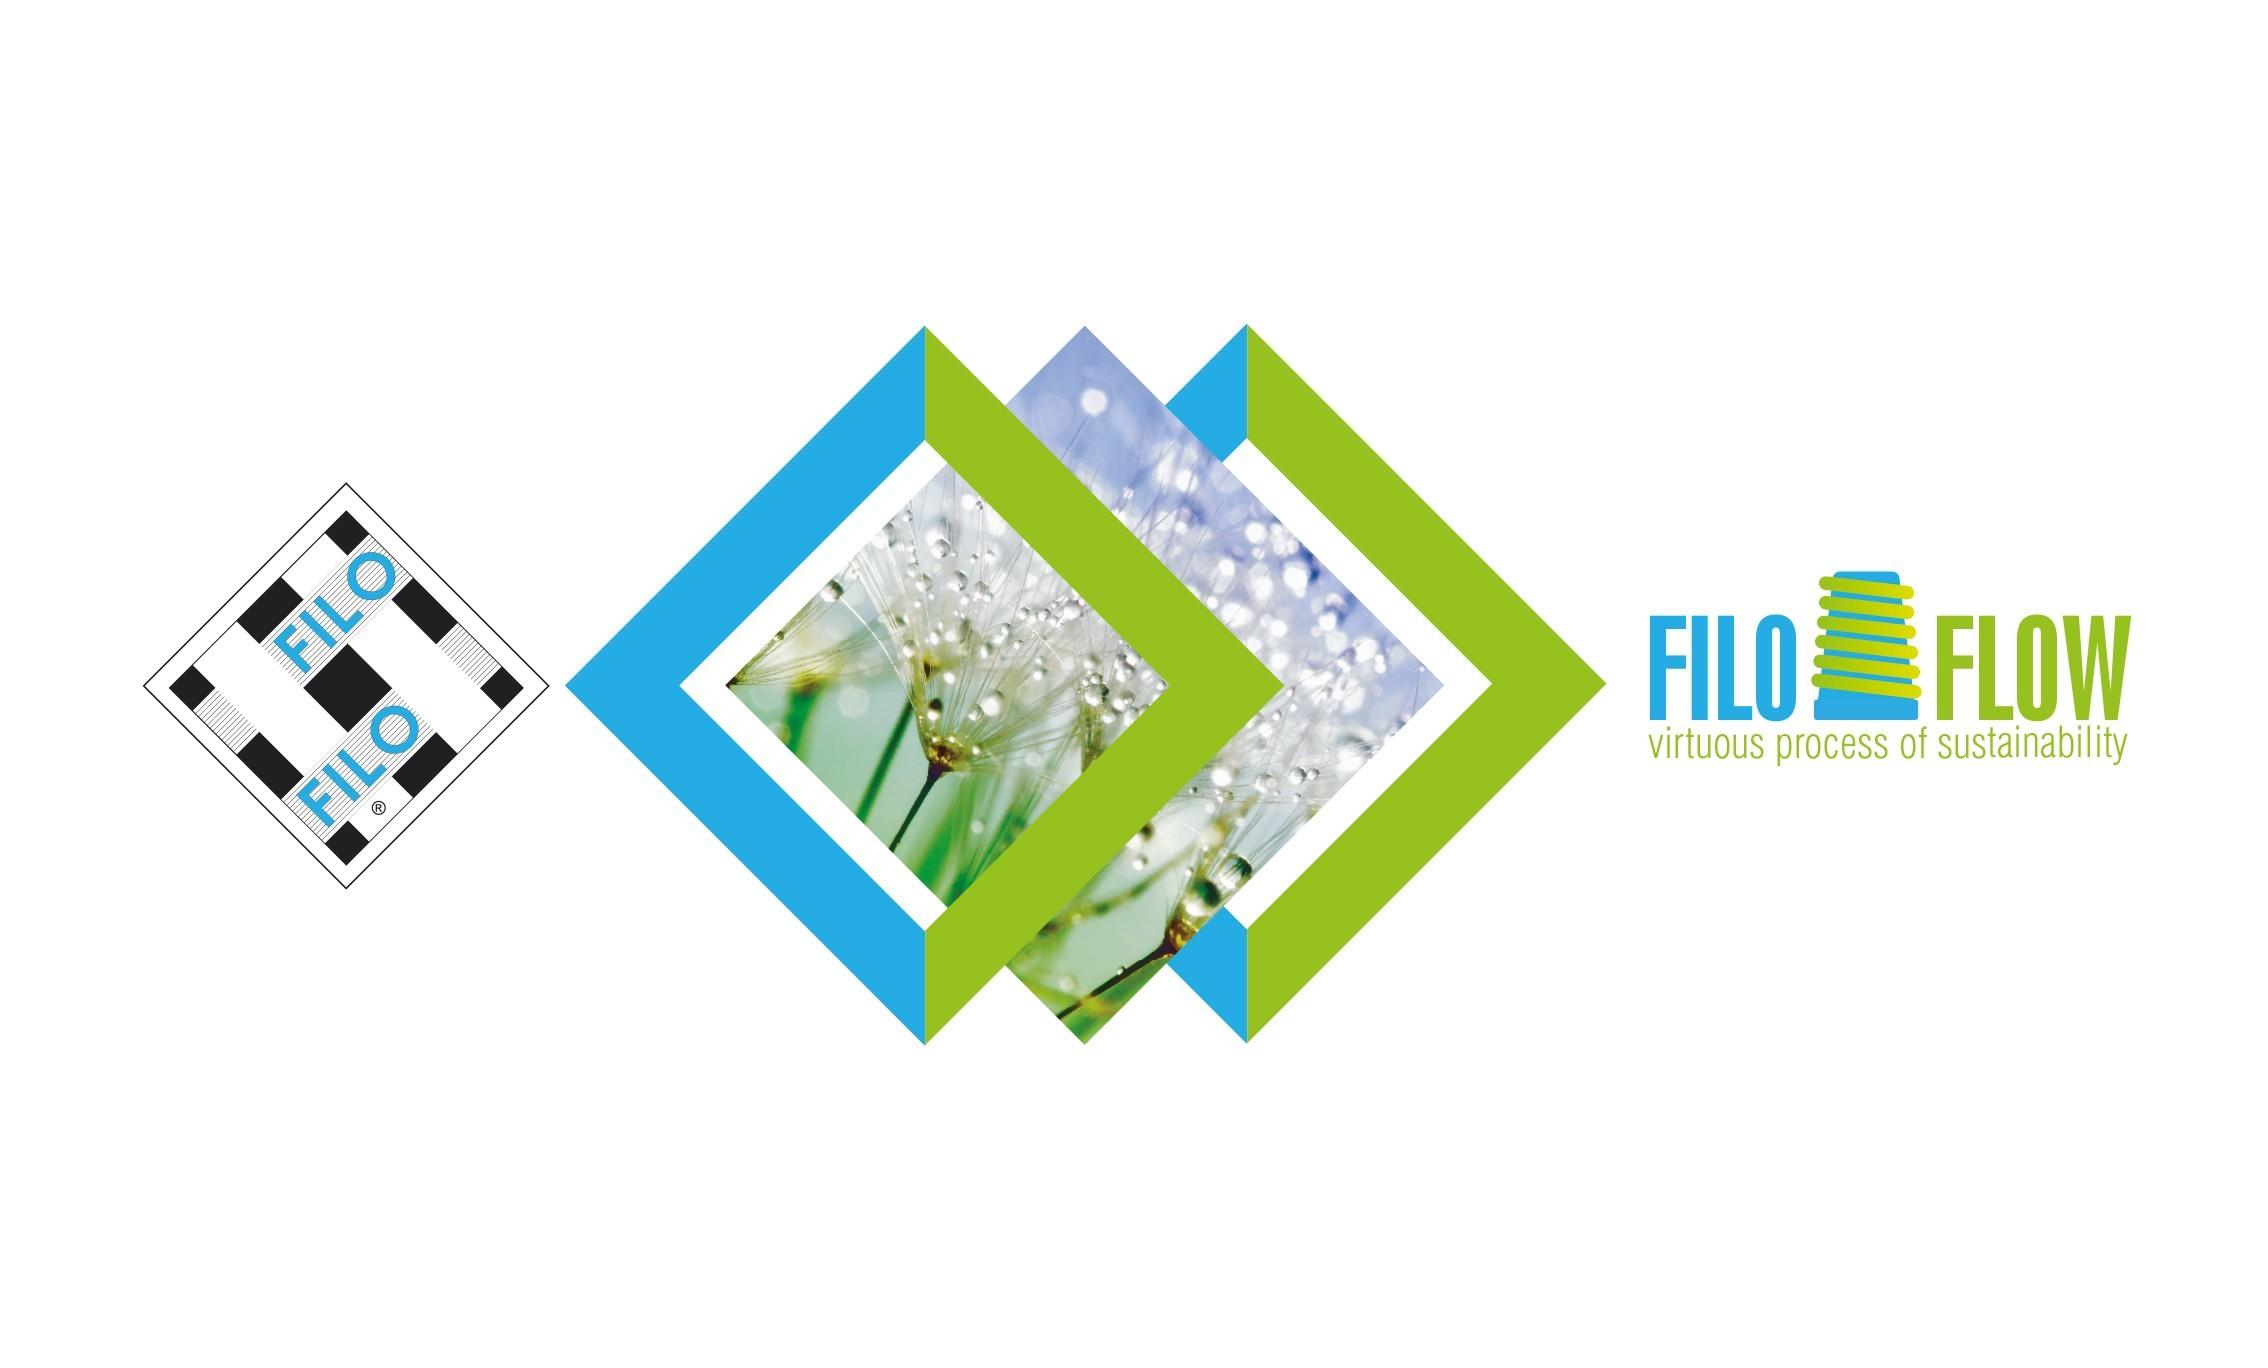 filoflow